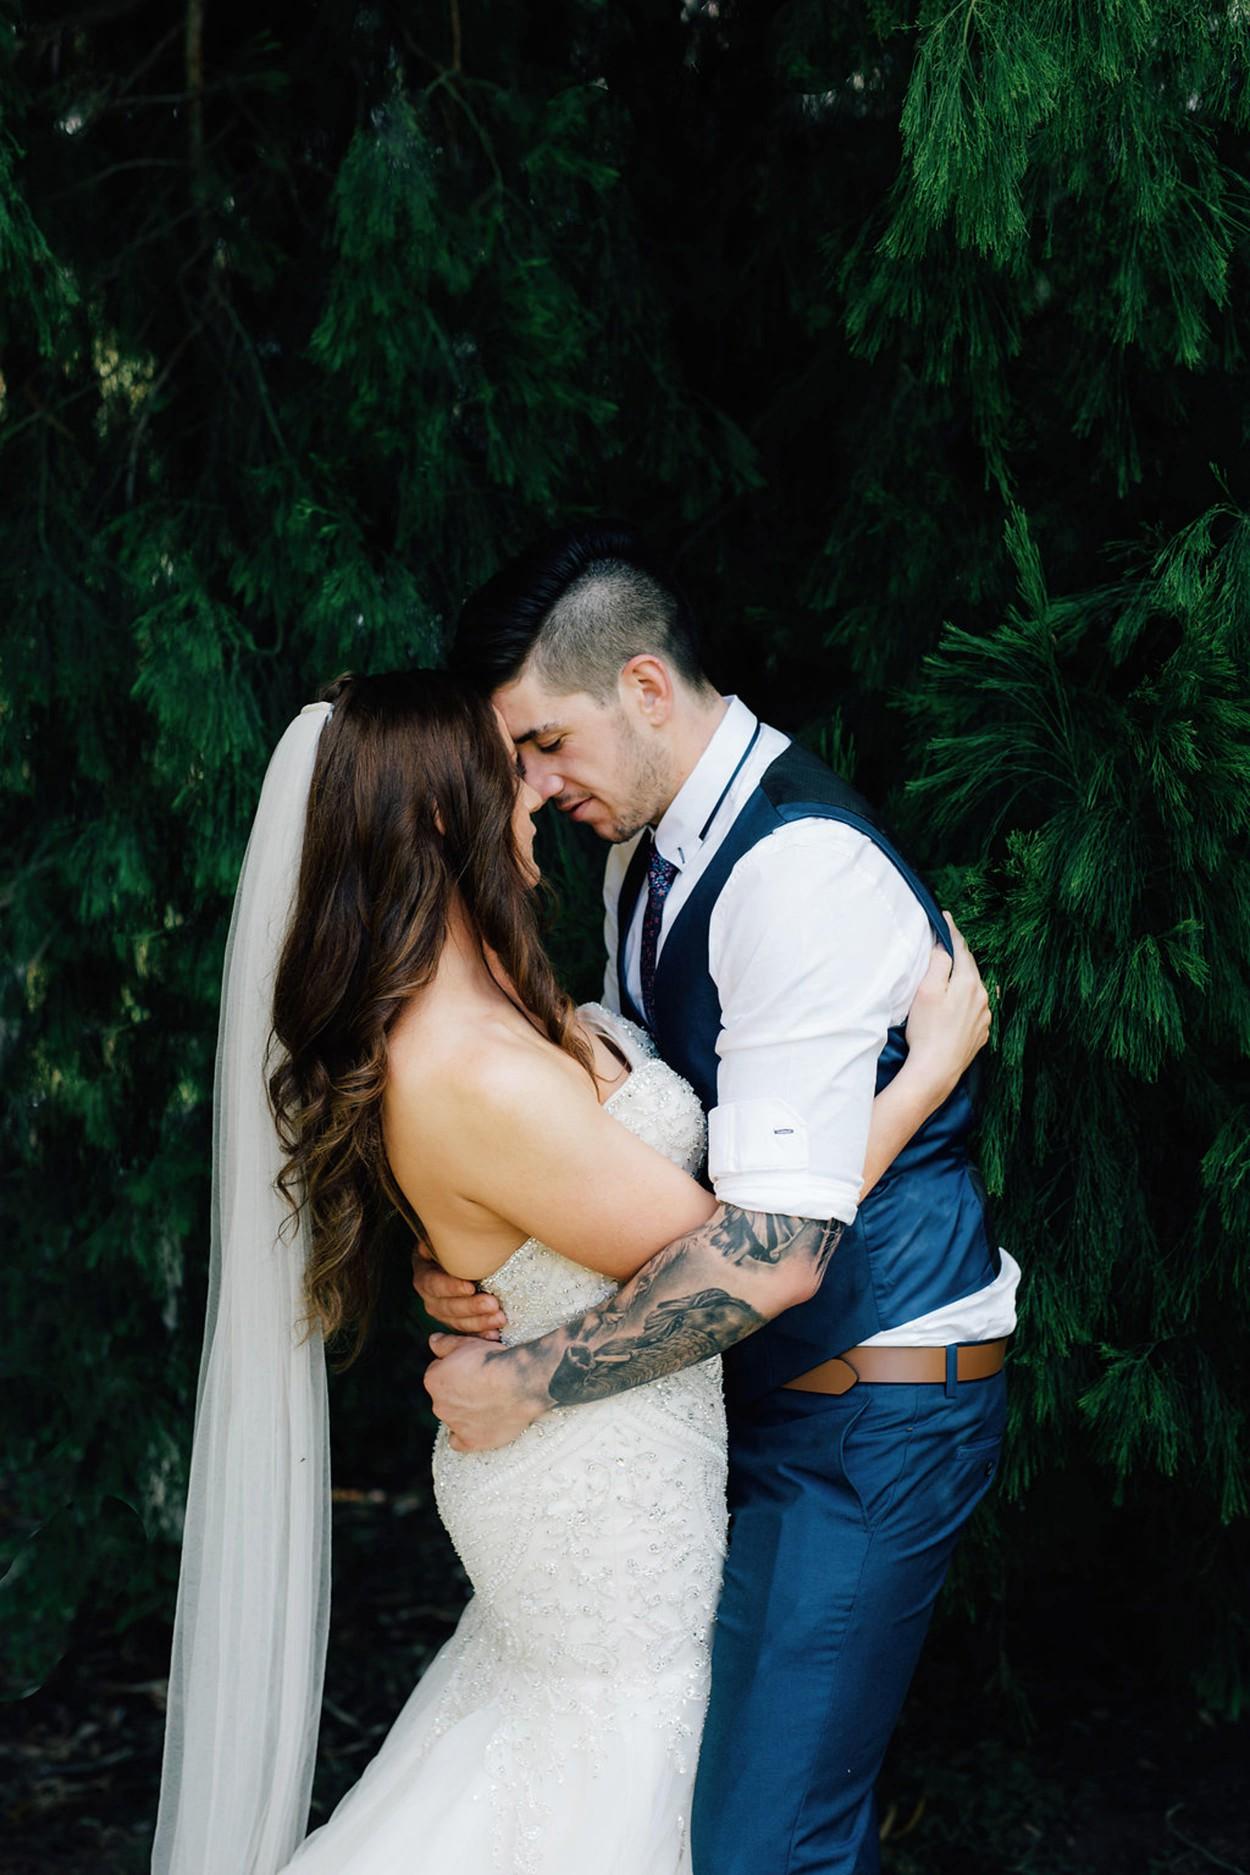 I-Got-You-Babe-&-Co.-Wedding-Photographers-Milina021.jpg